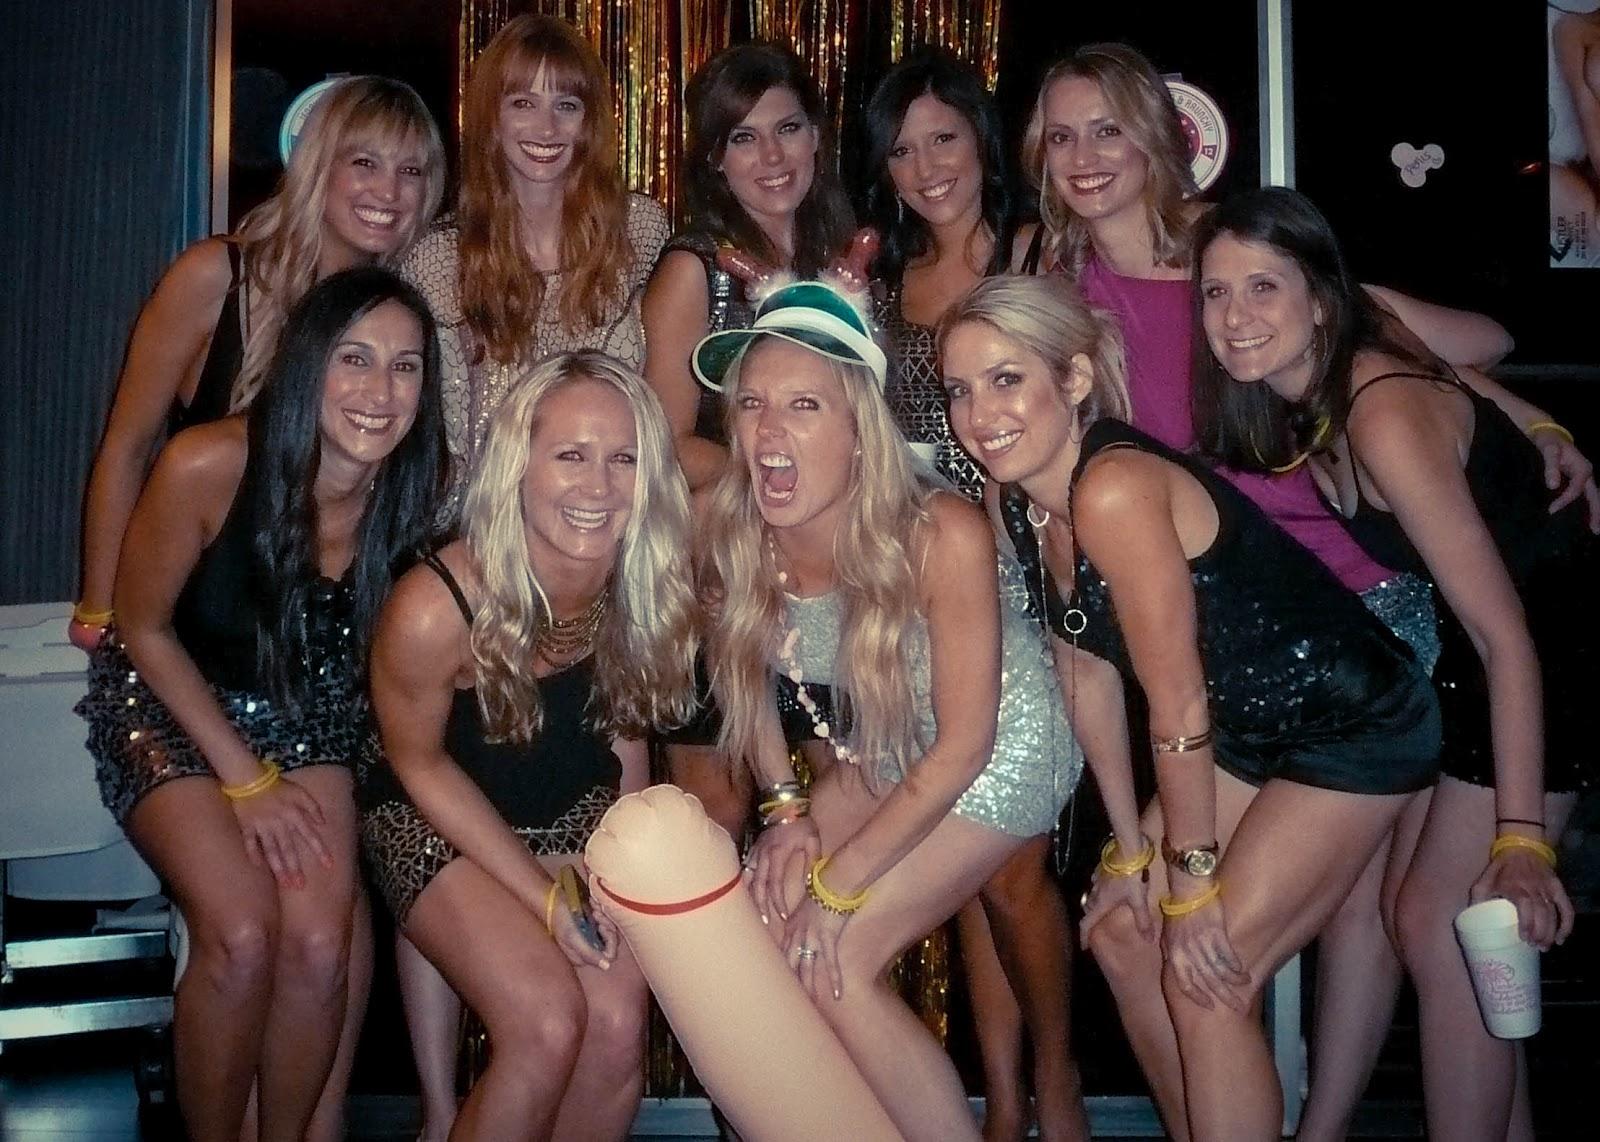 Секс вечеринках фото, Порно вечеринки, фото секс пати, порно клуб 3 фотография